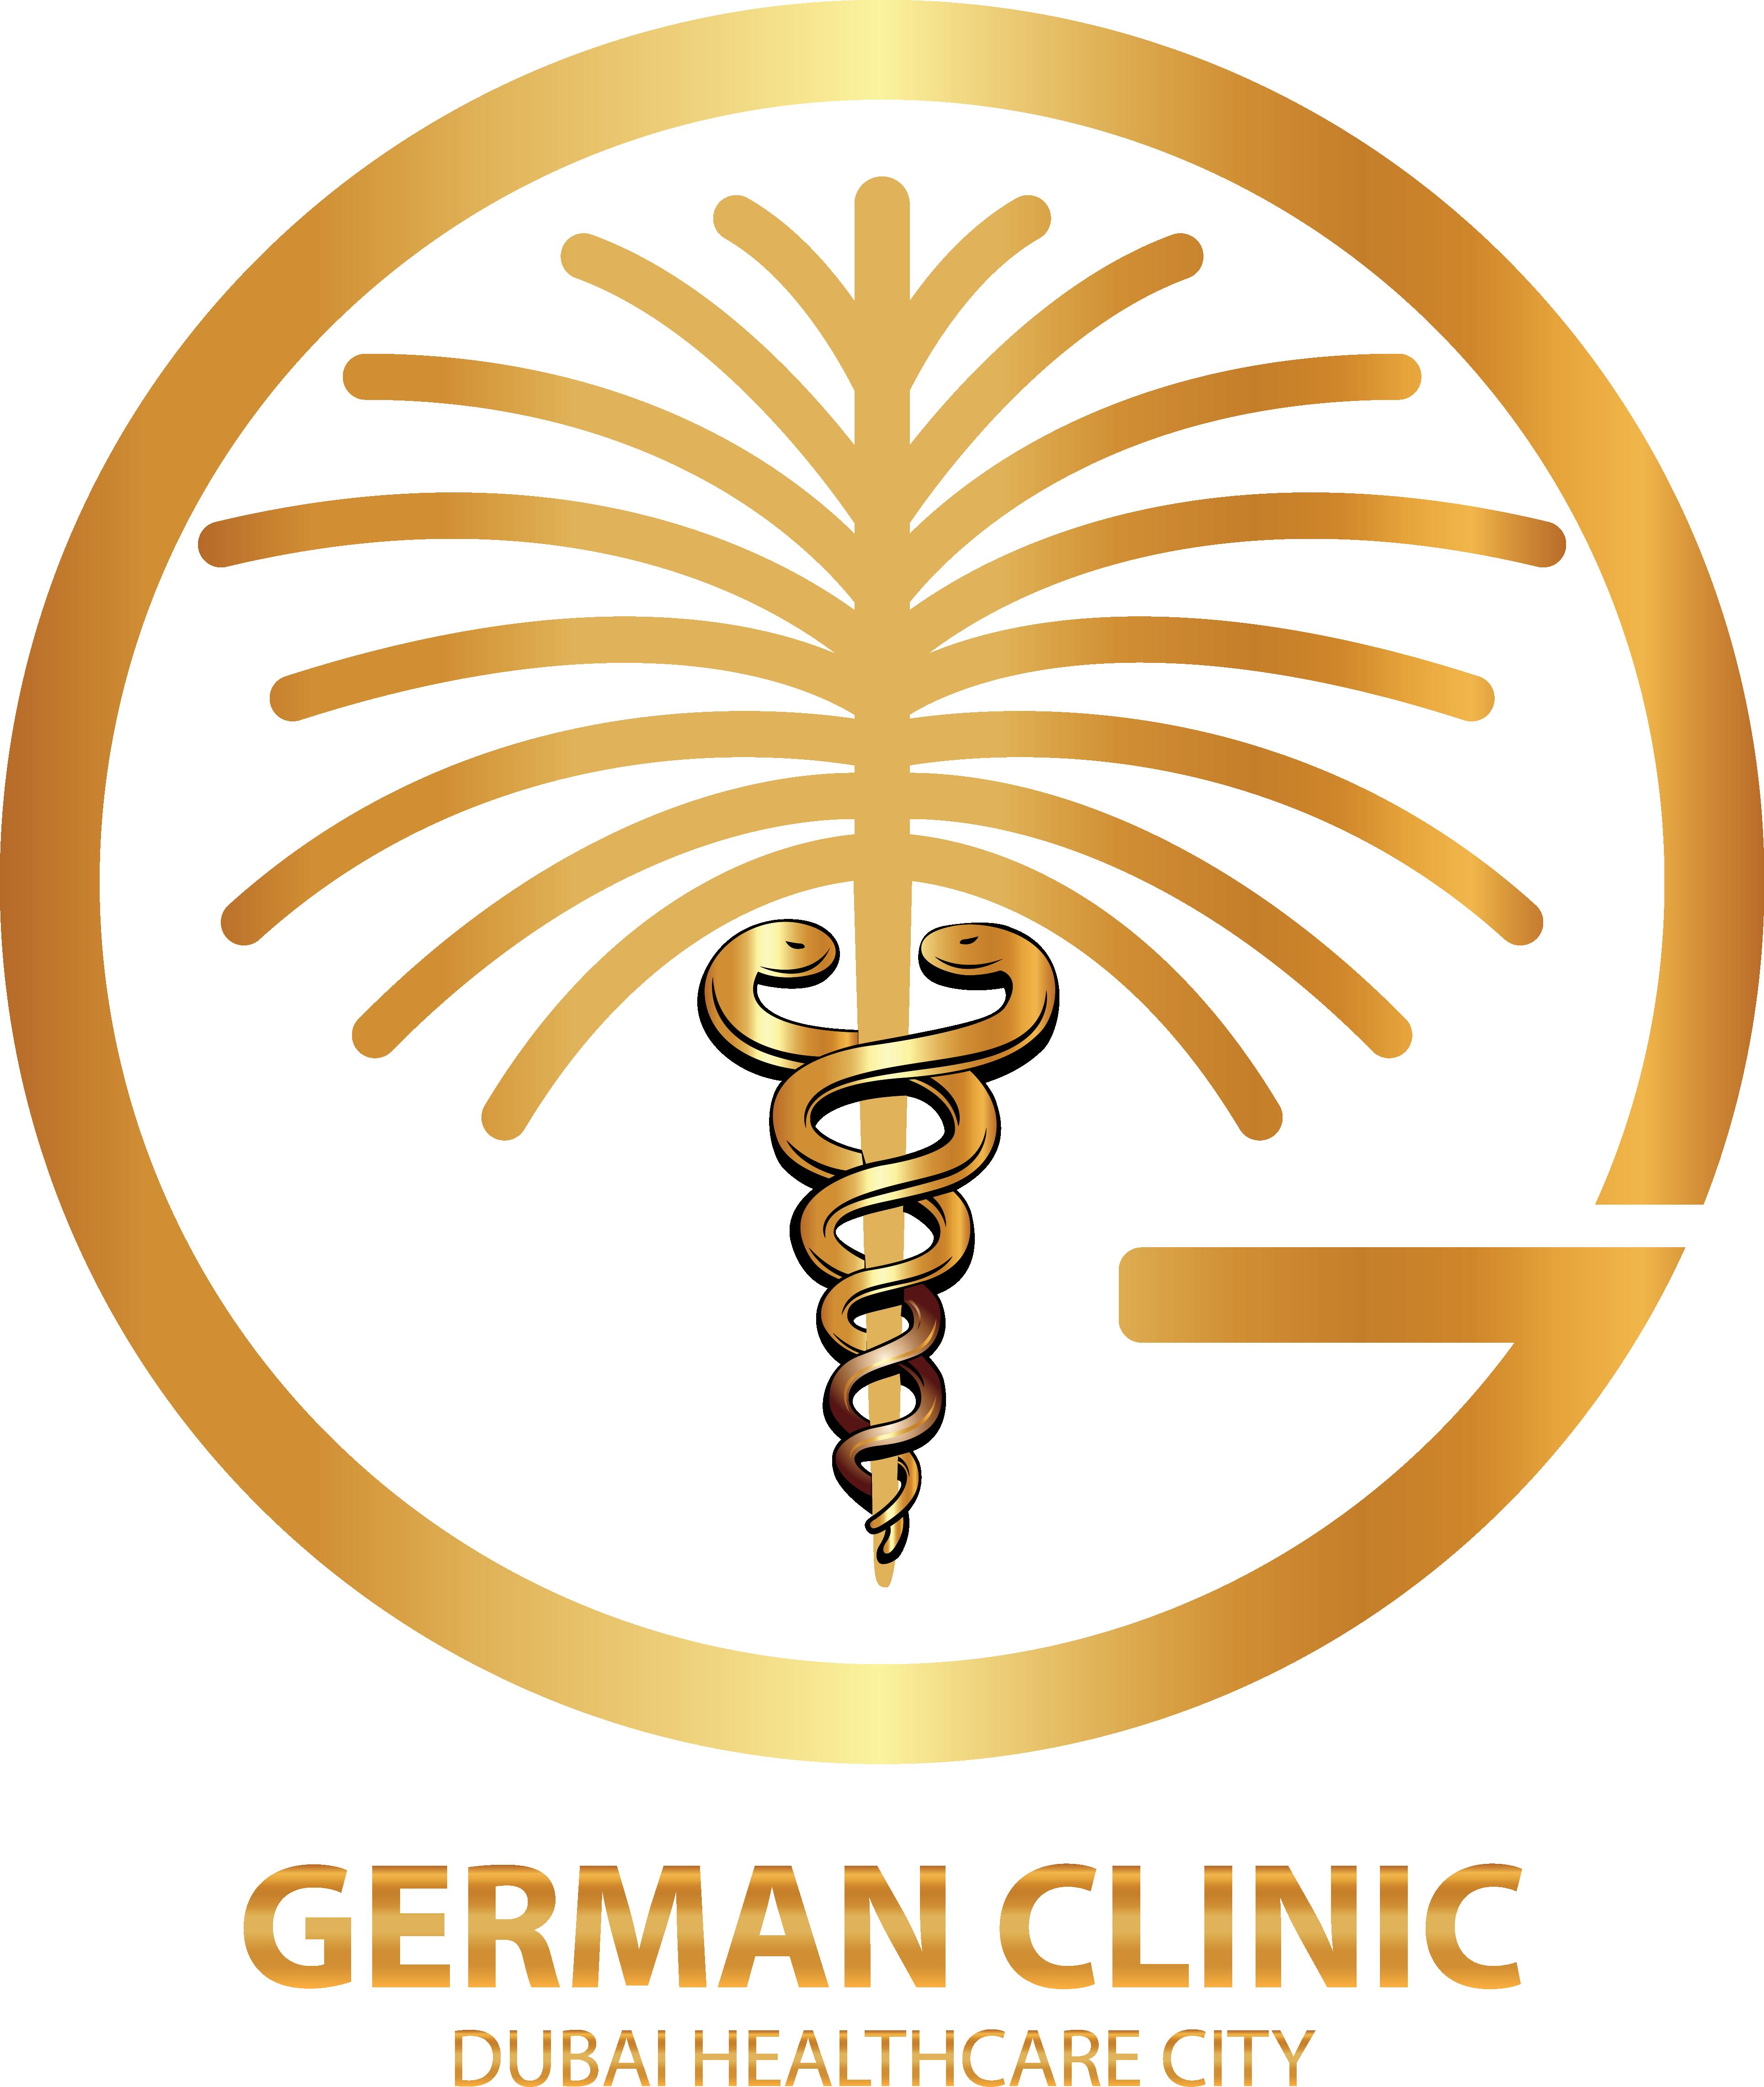 final gold logo